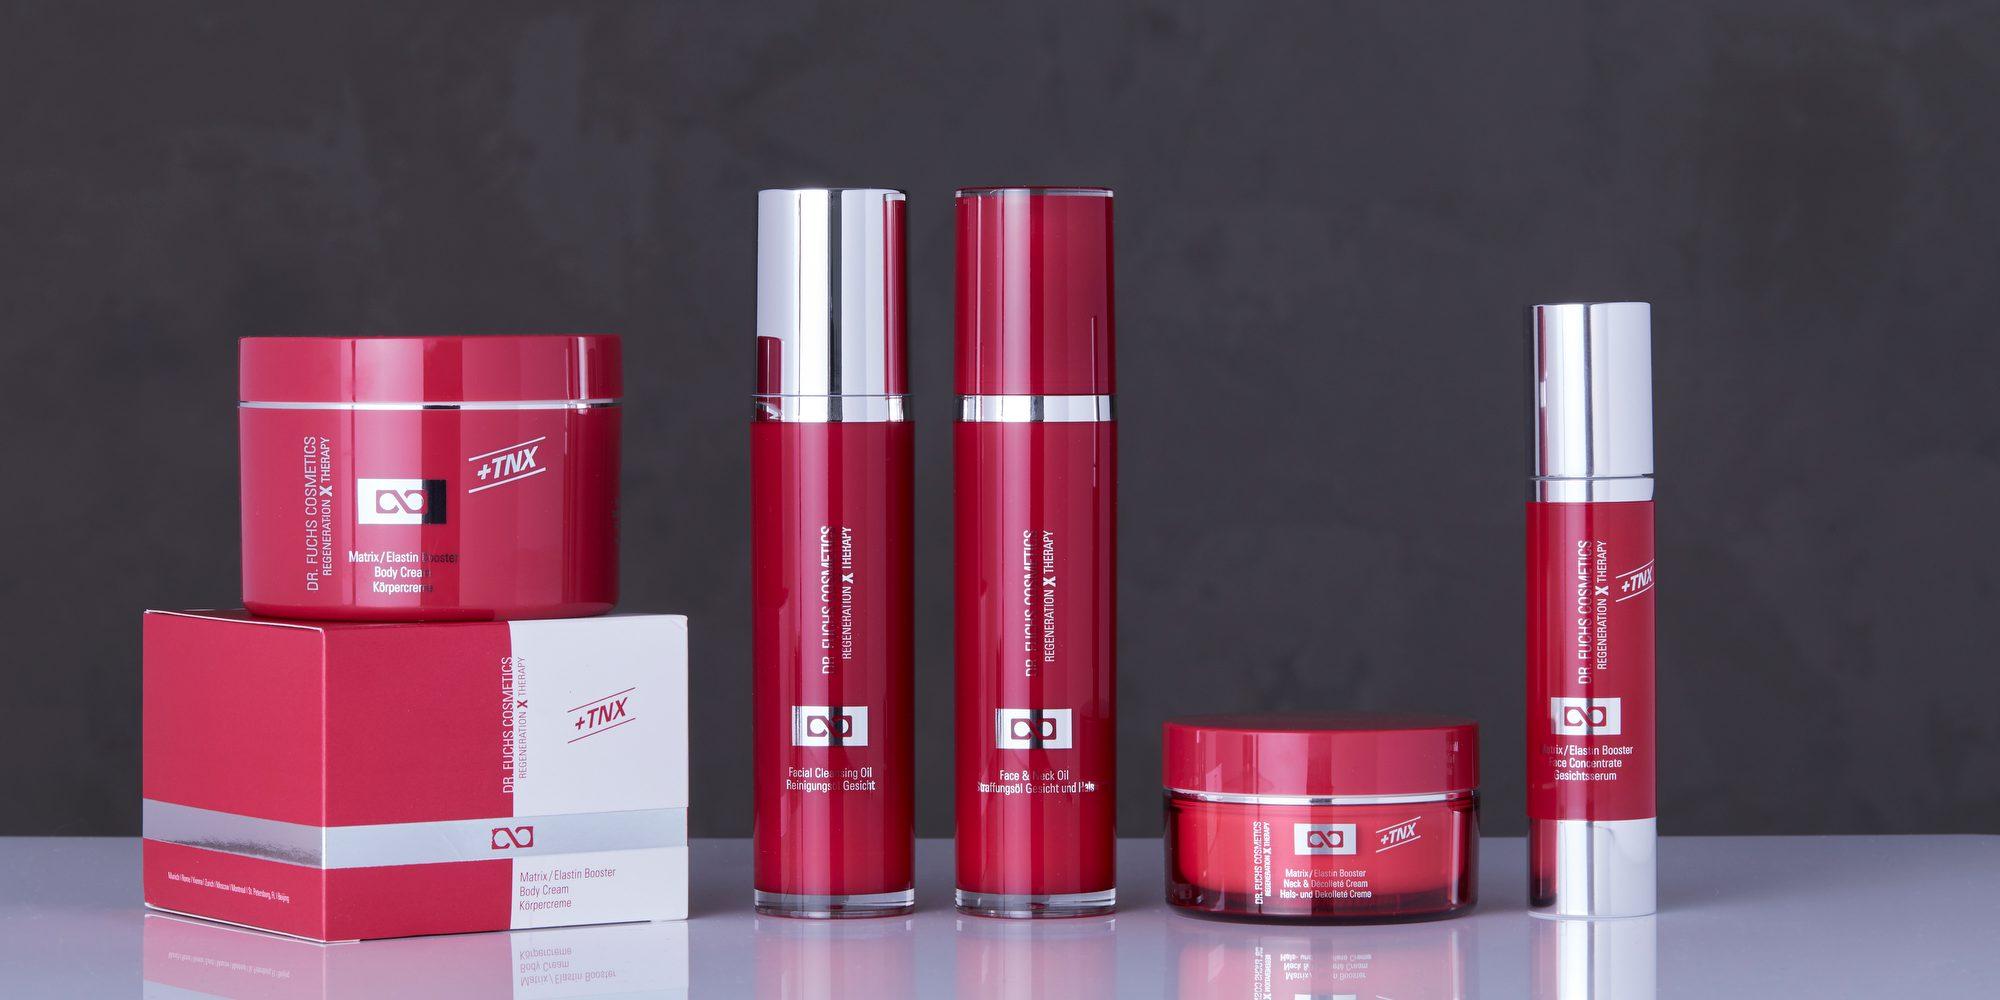 Produktfoto aller Produkte der Dr. Fuchs Cosmetics Regeneration X Therapy